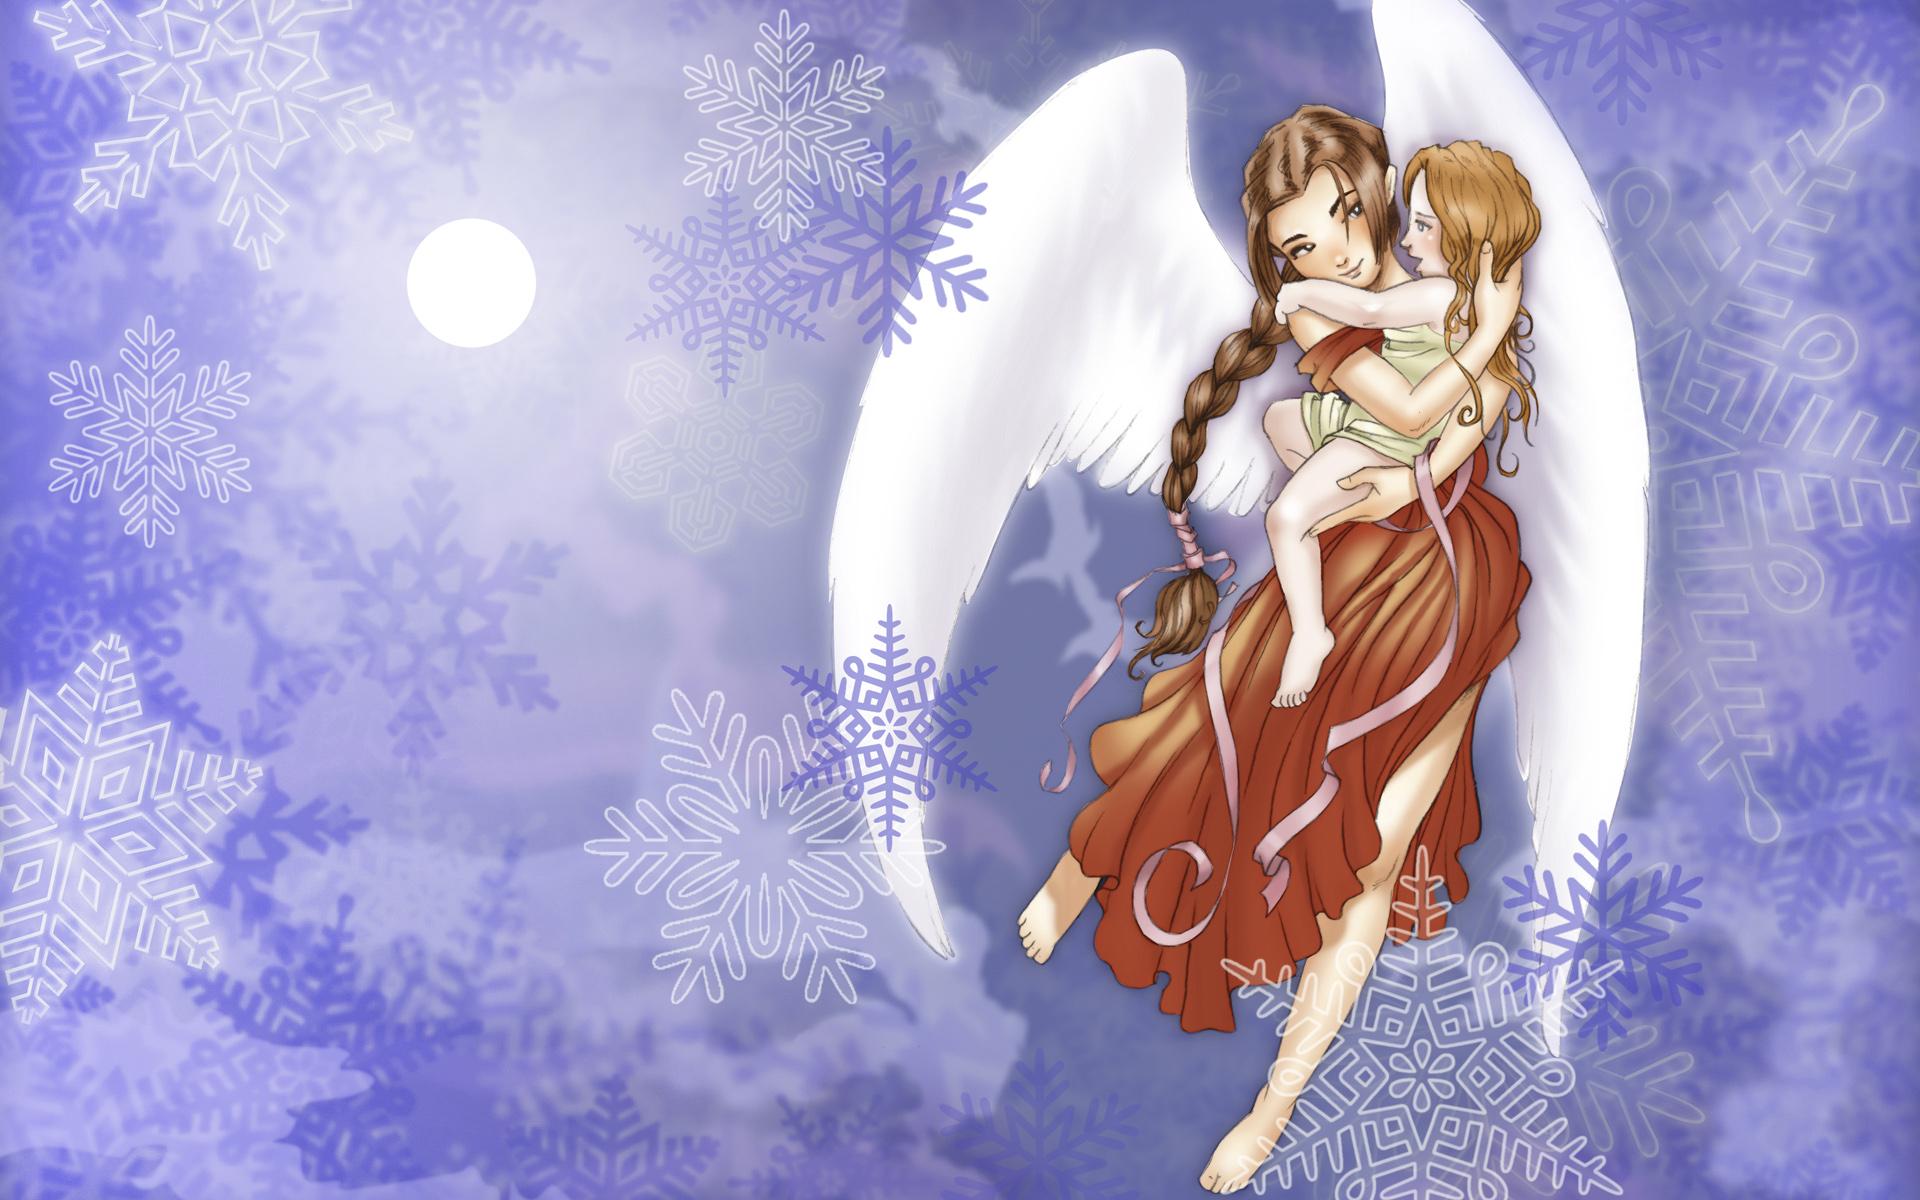 雪天使女孩宽屏壁纸 下载_雪天使女孩宽屏壁纸_飞翔